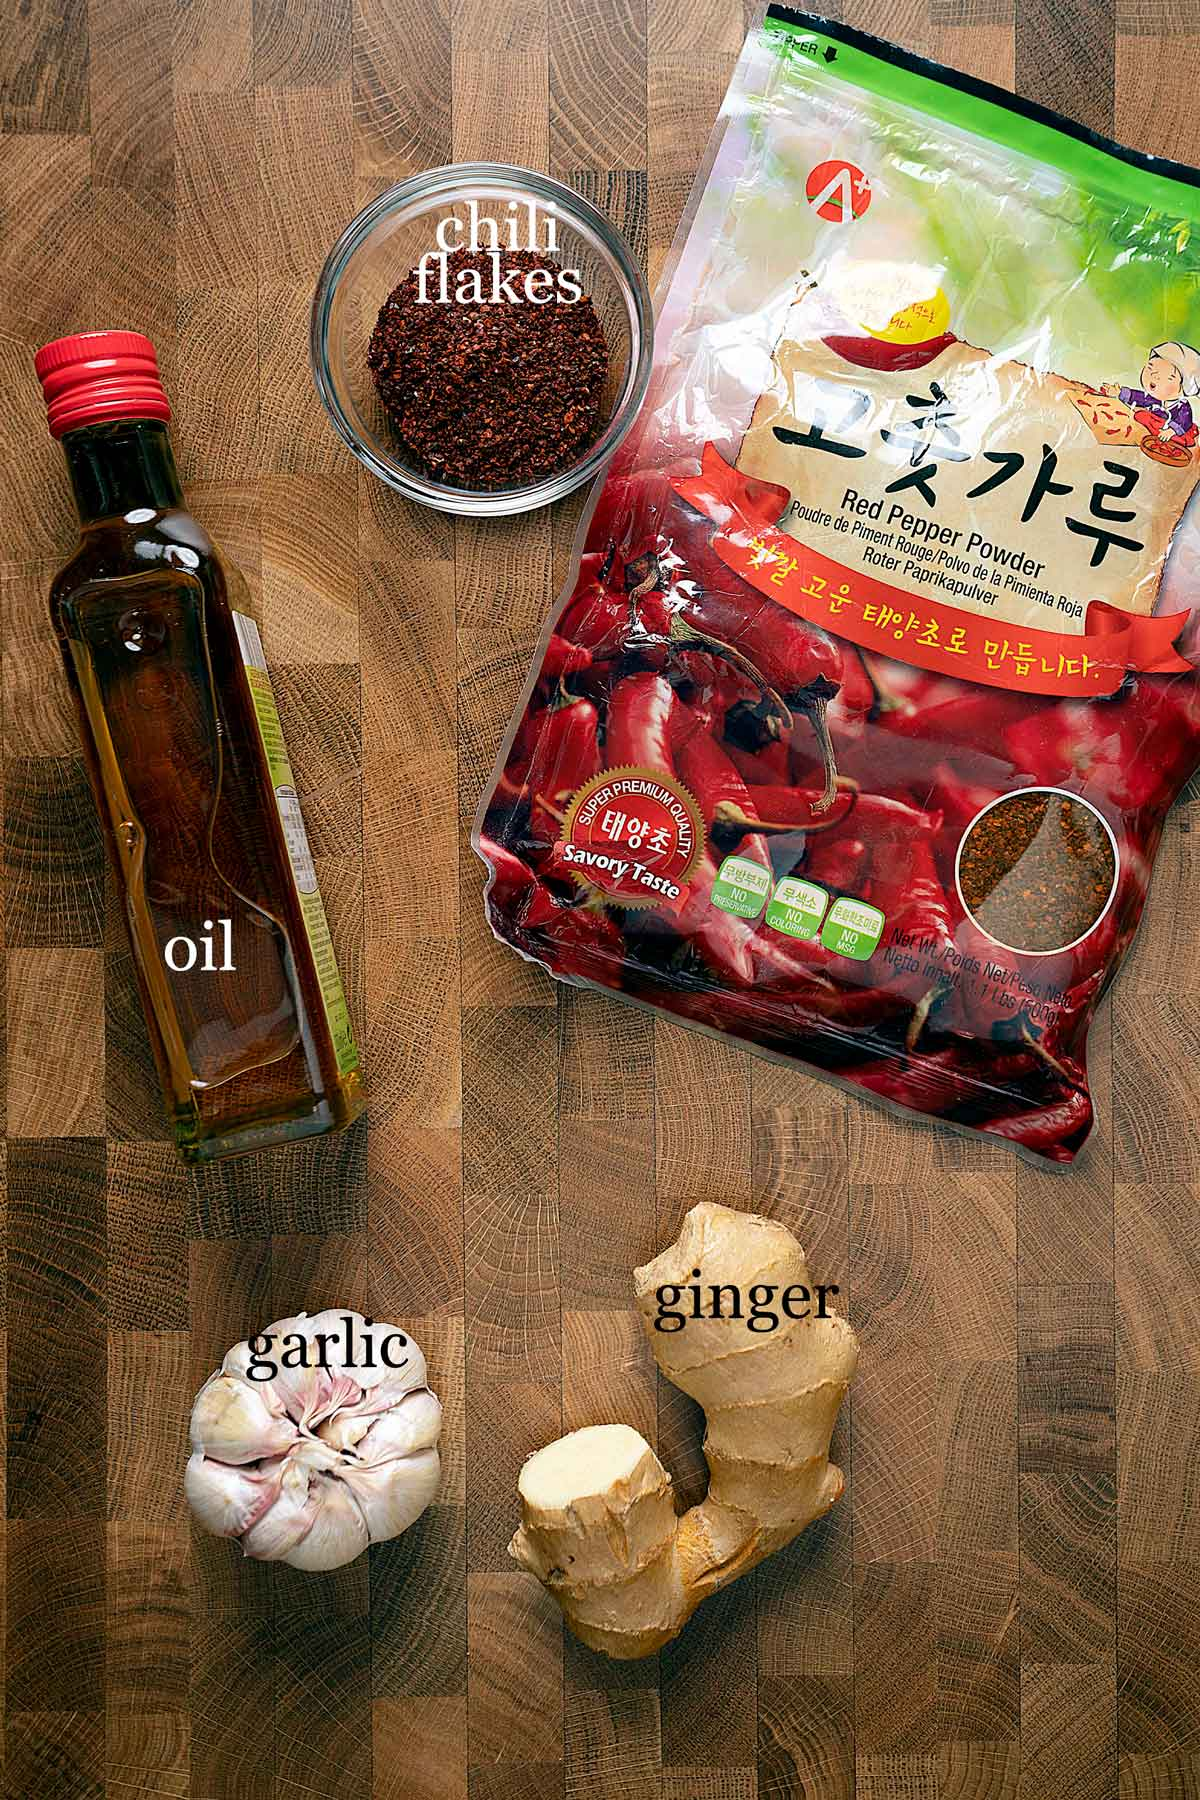 Ingredients to make garlic chili oil